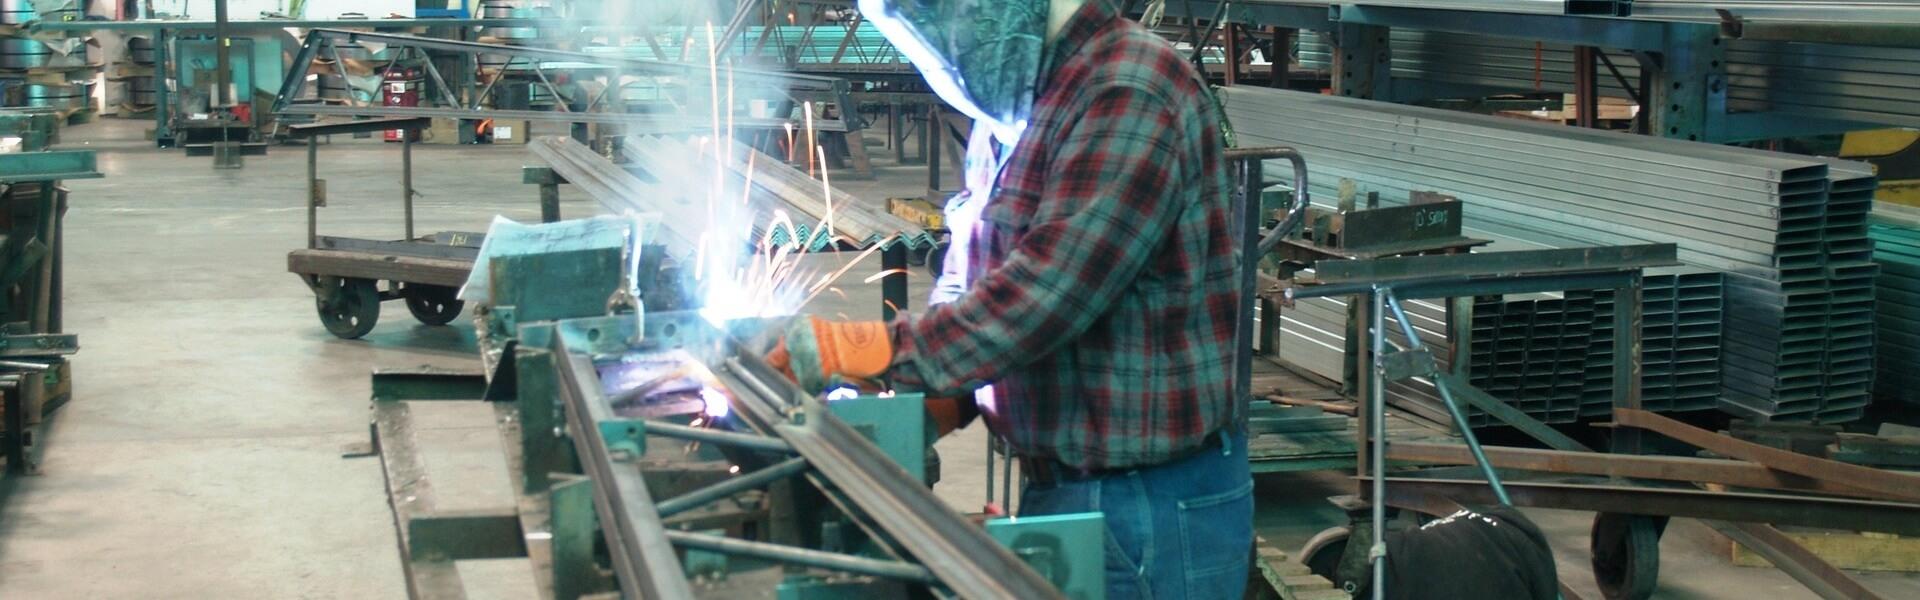 worker welding a steel truss arm